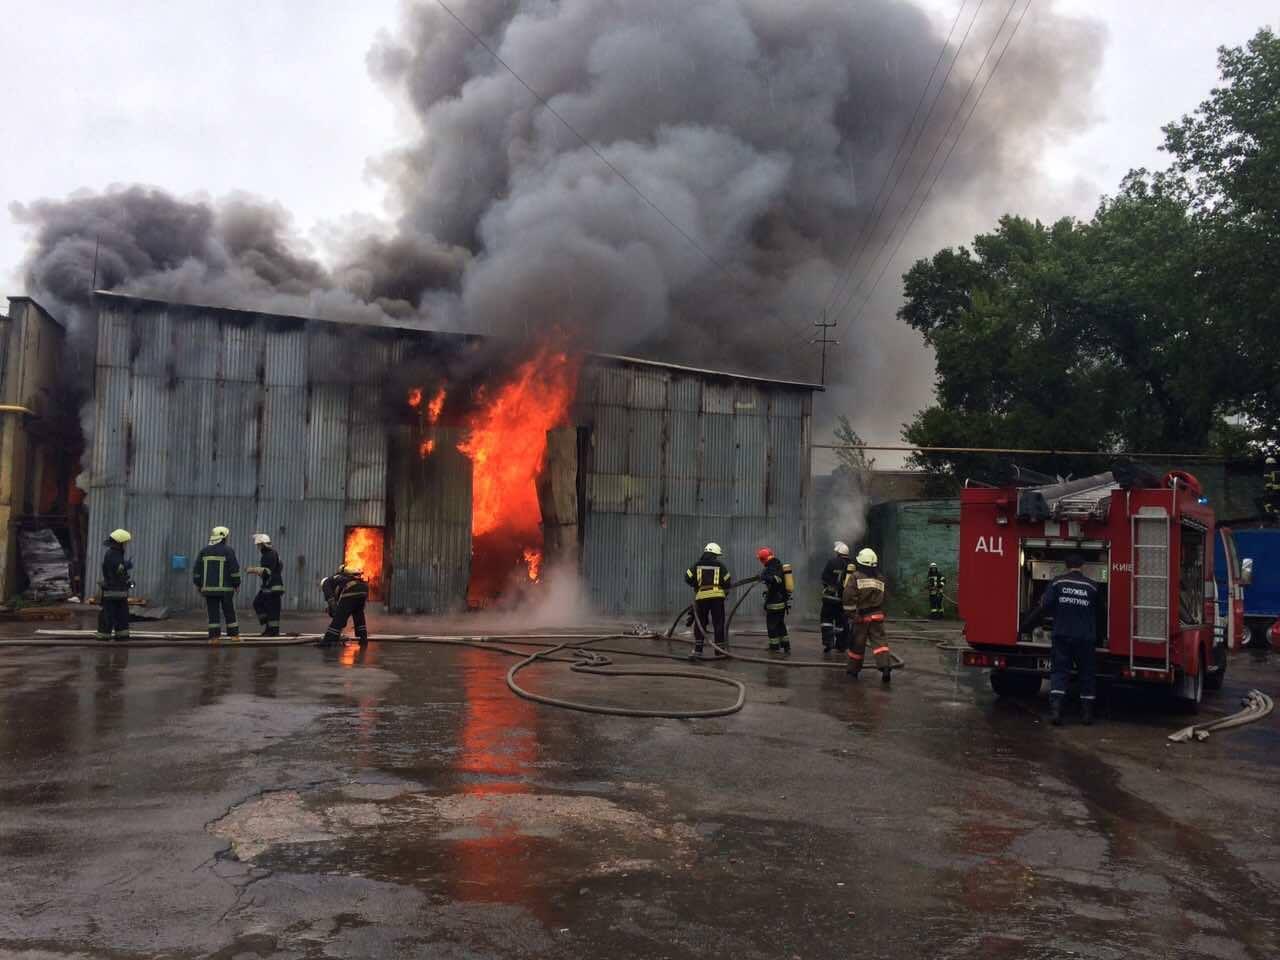 ВКиеве произошел интенсивный пожар совзрывами